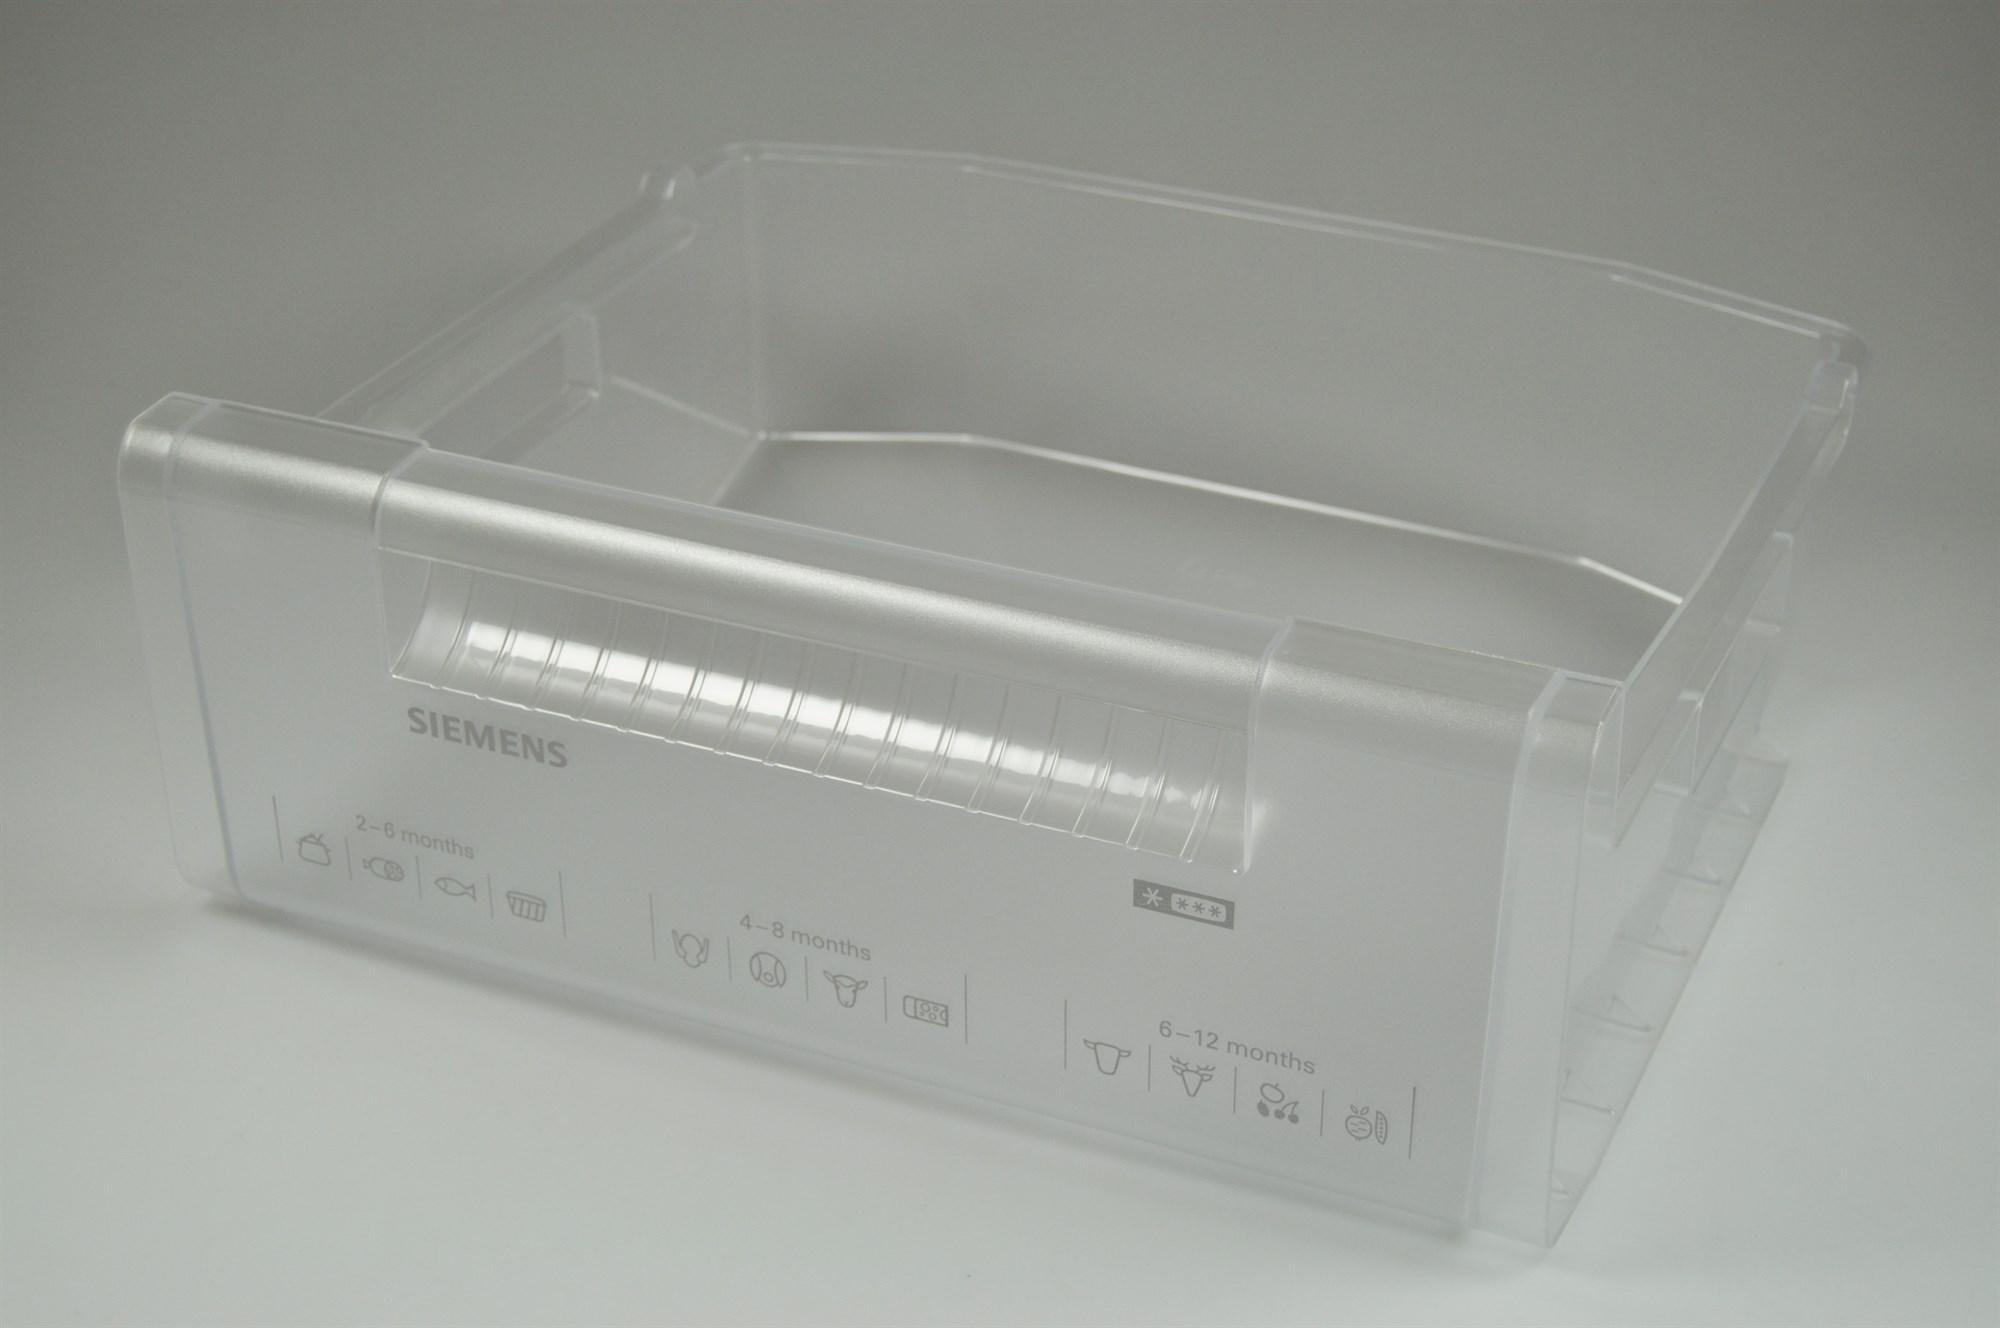 Siemens Kühlschrank Zubehör Ersatzteile : Gefrierschublade siemens kühl & gefrierschrank 160 mm x 422 mm x